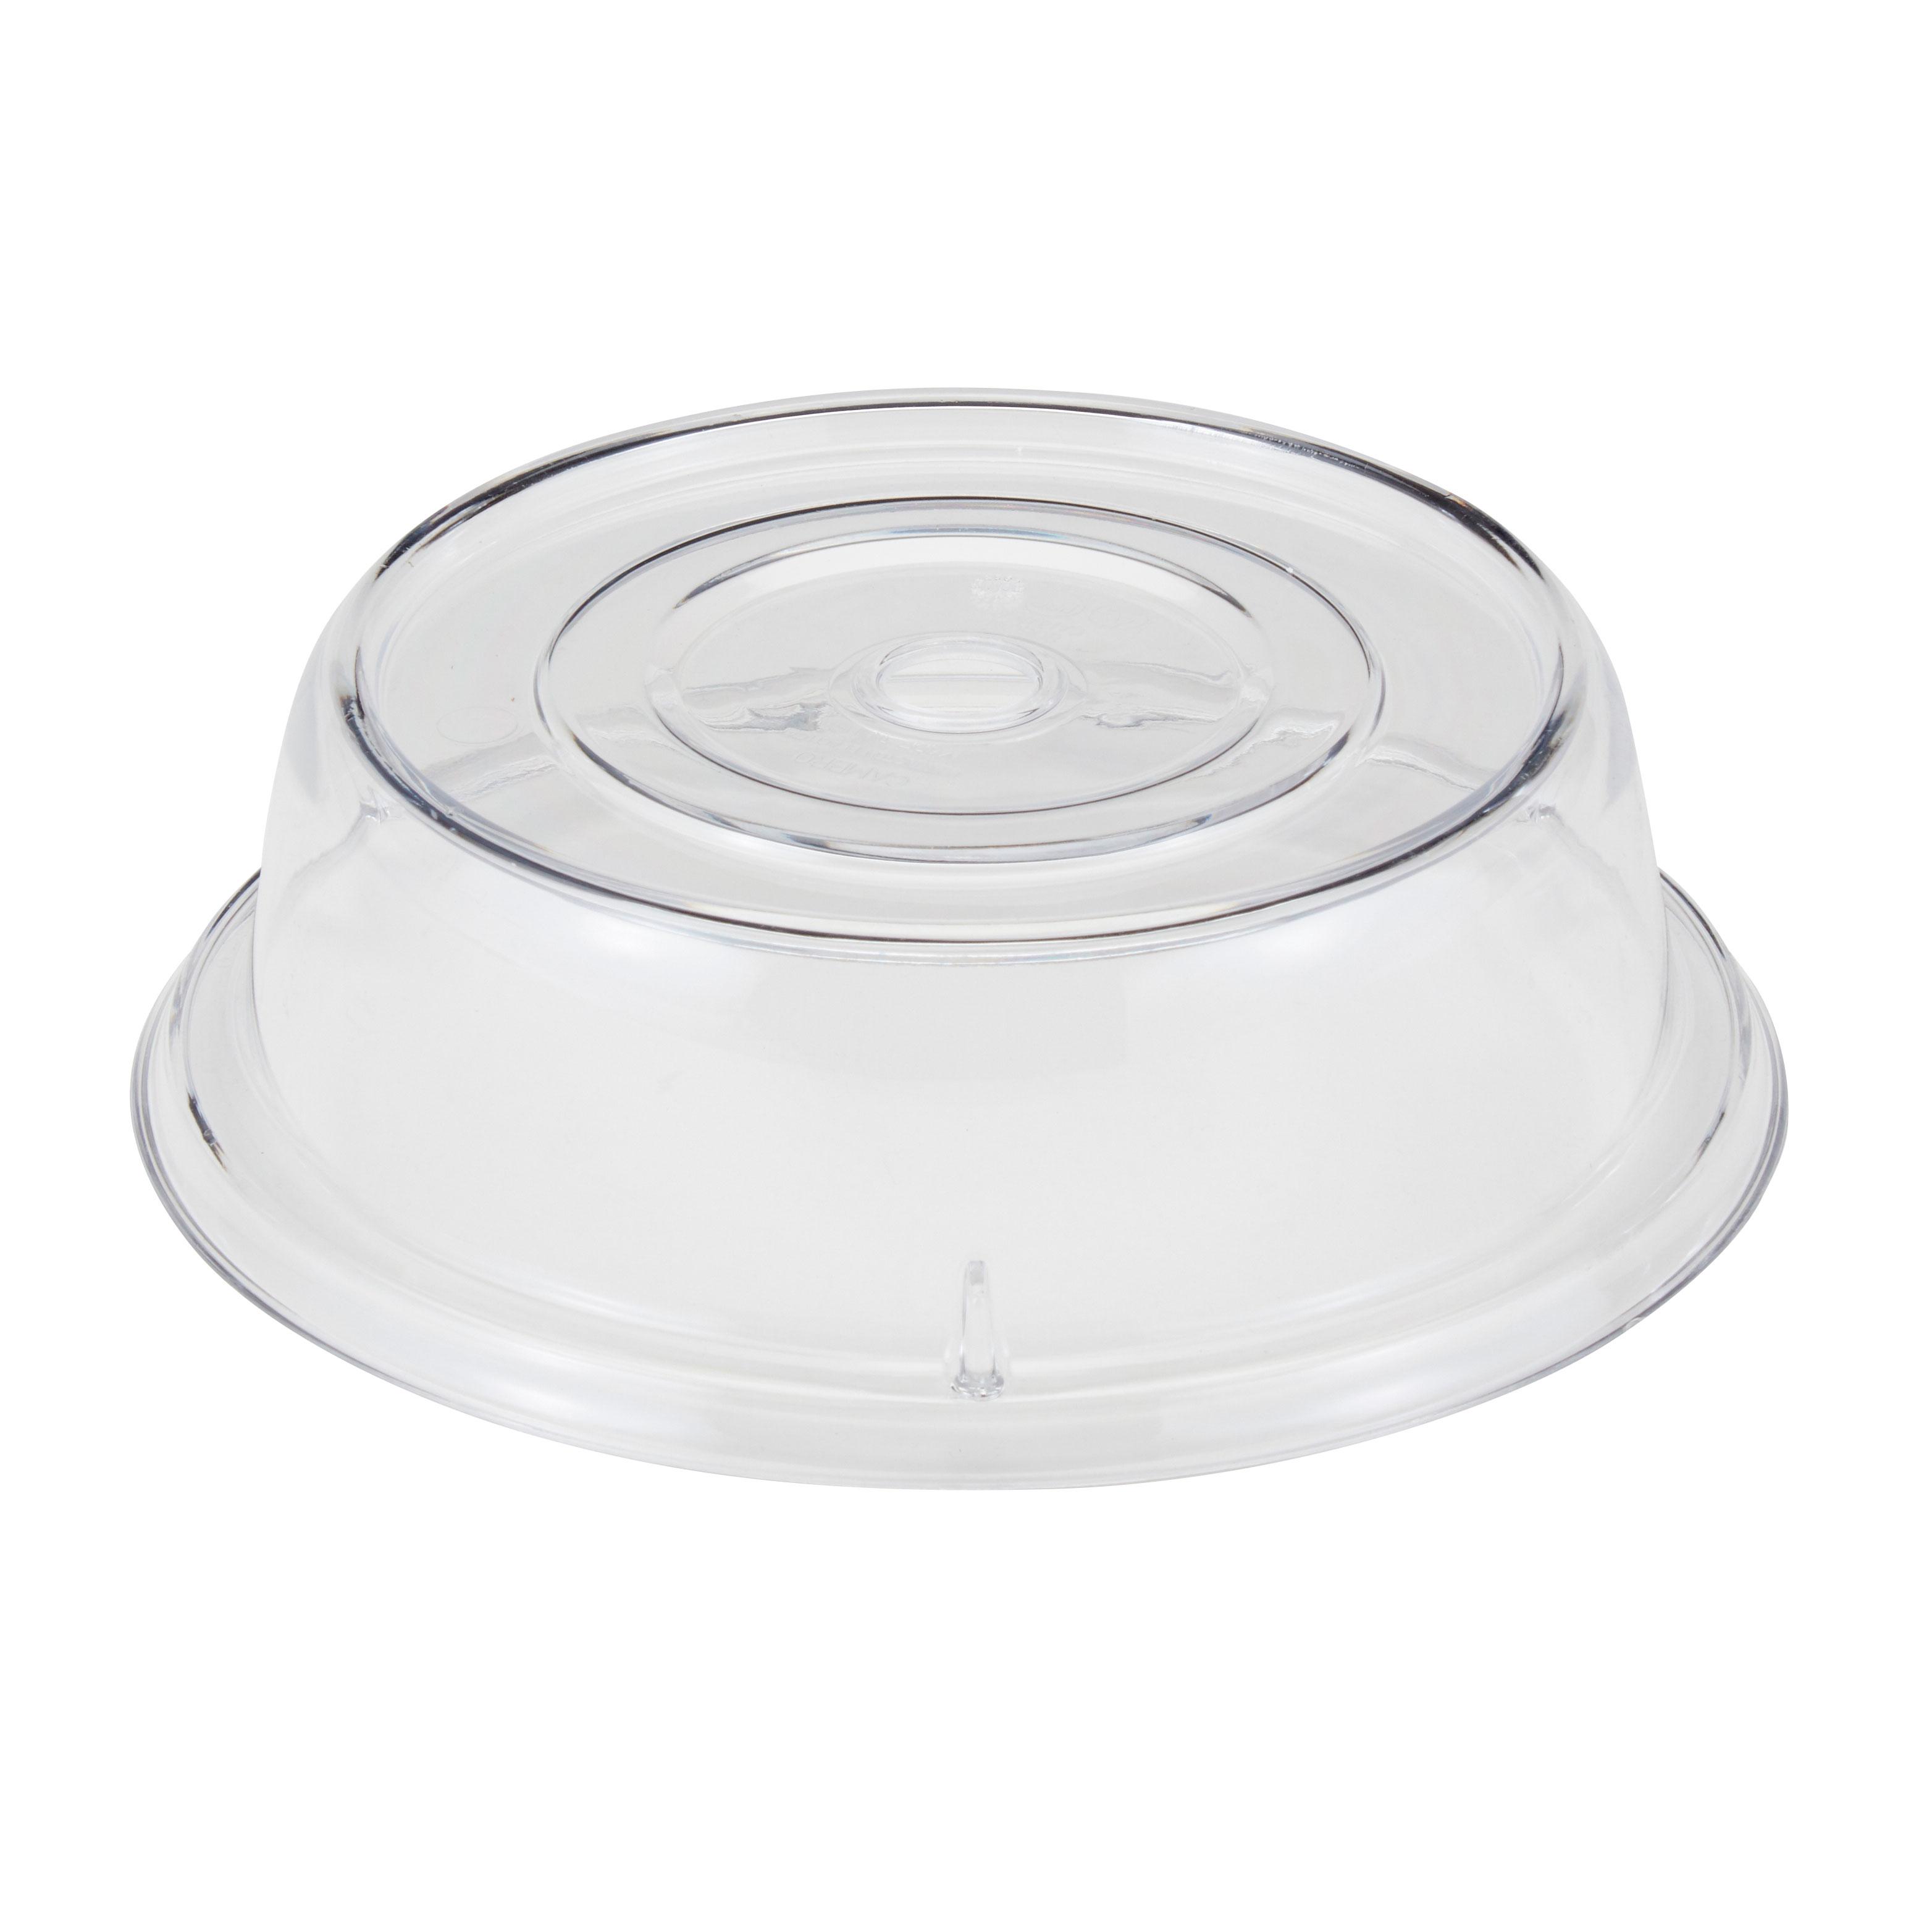 900CW152 Cambro plate cover / cloche